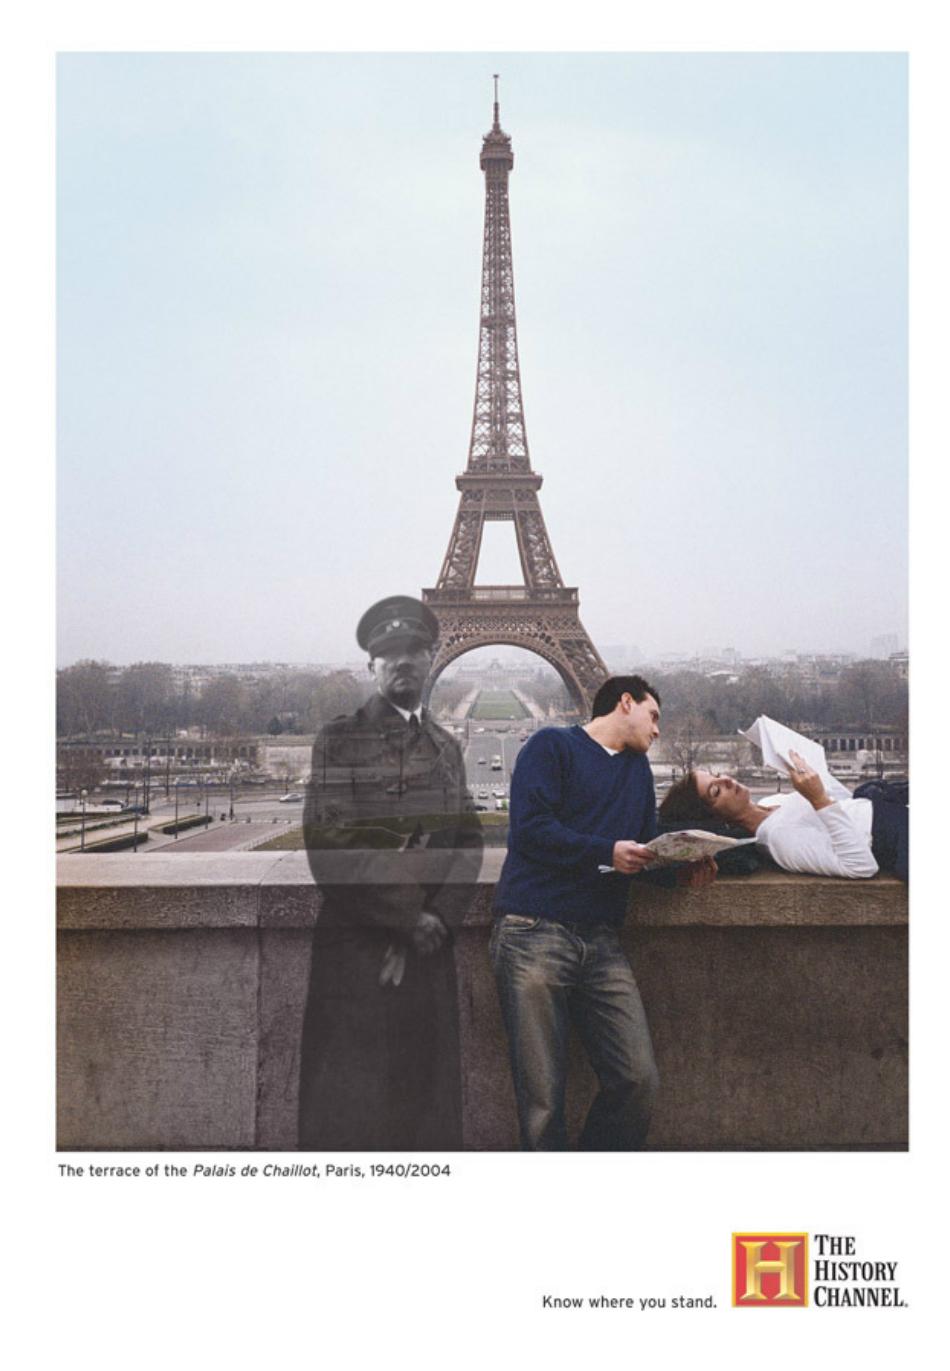 paris-historychannel